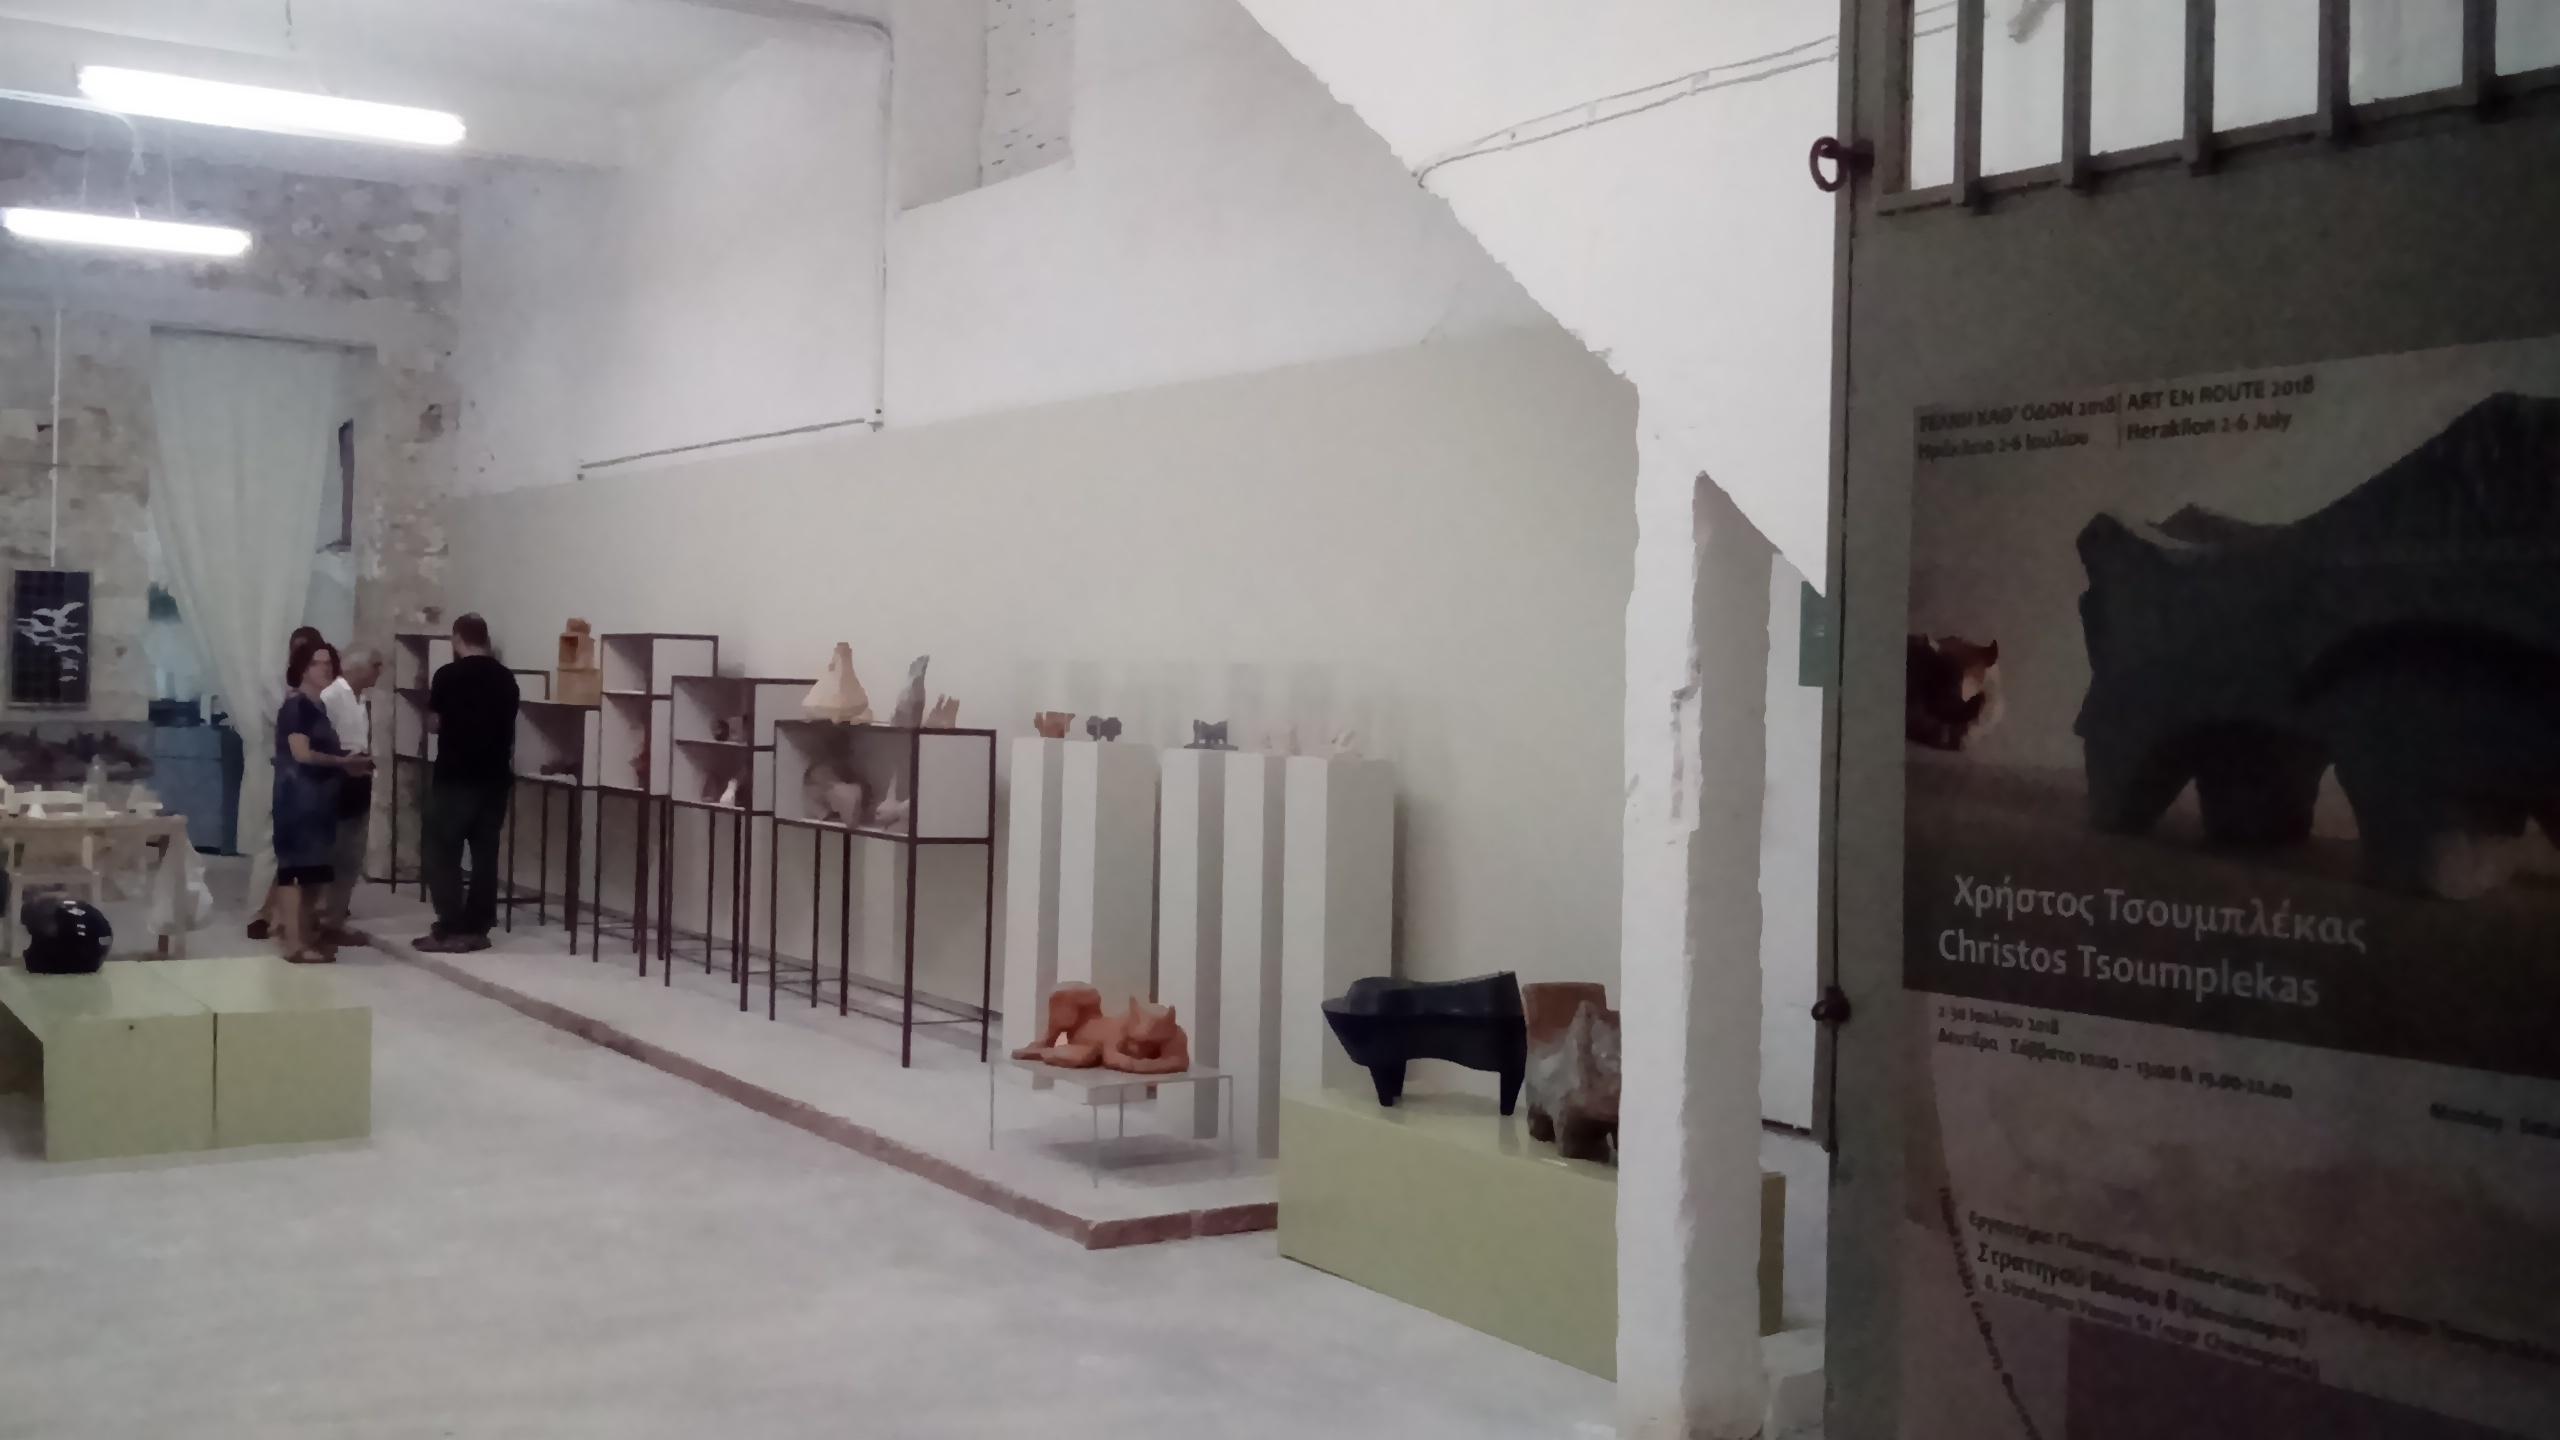 Ένας νέος χώρος τέχνης στο Ηράκλειο